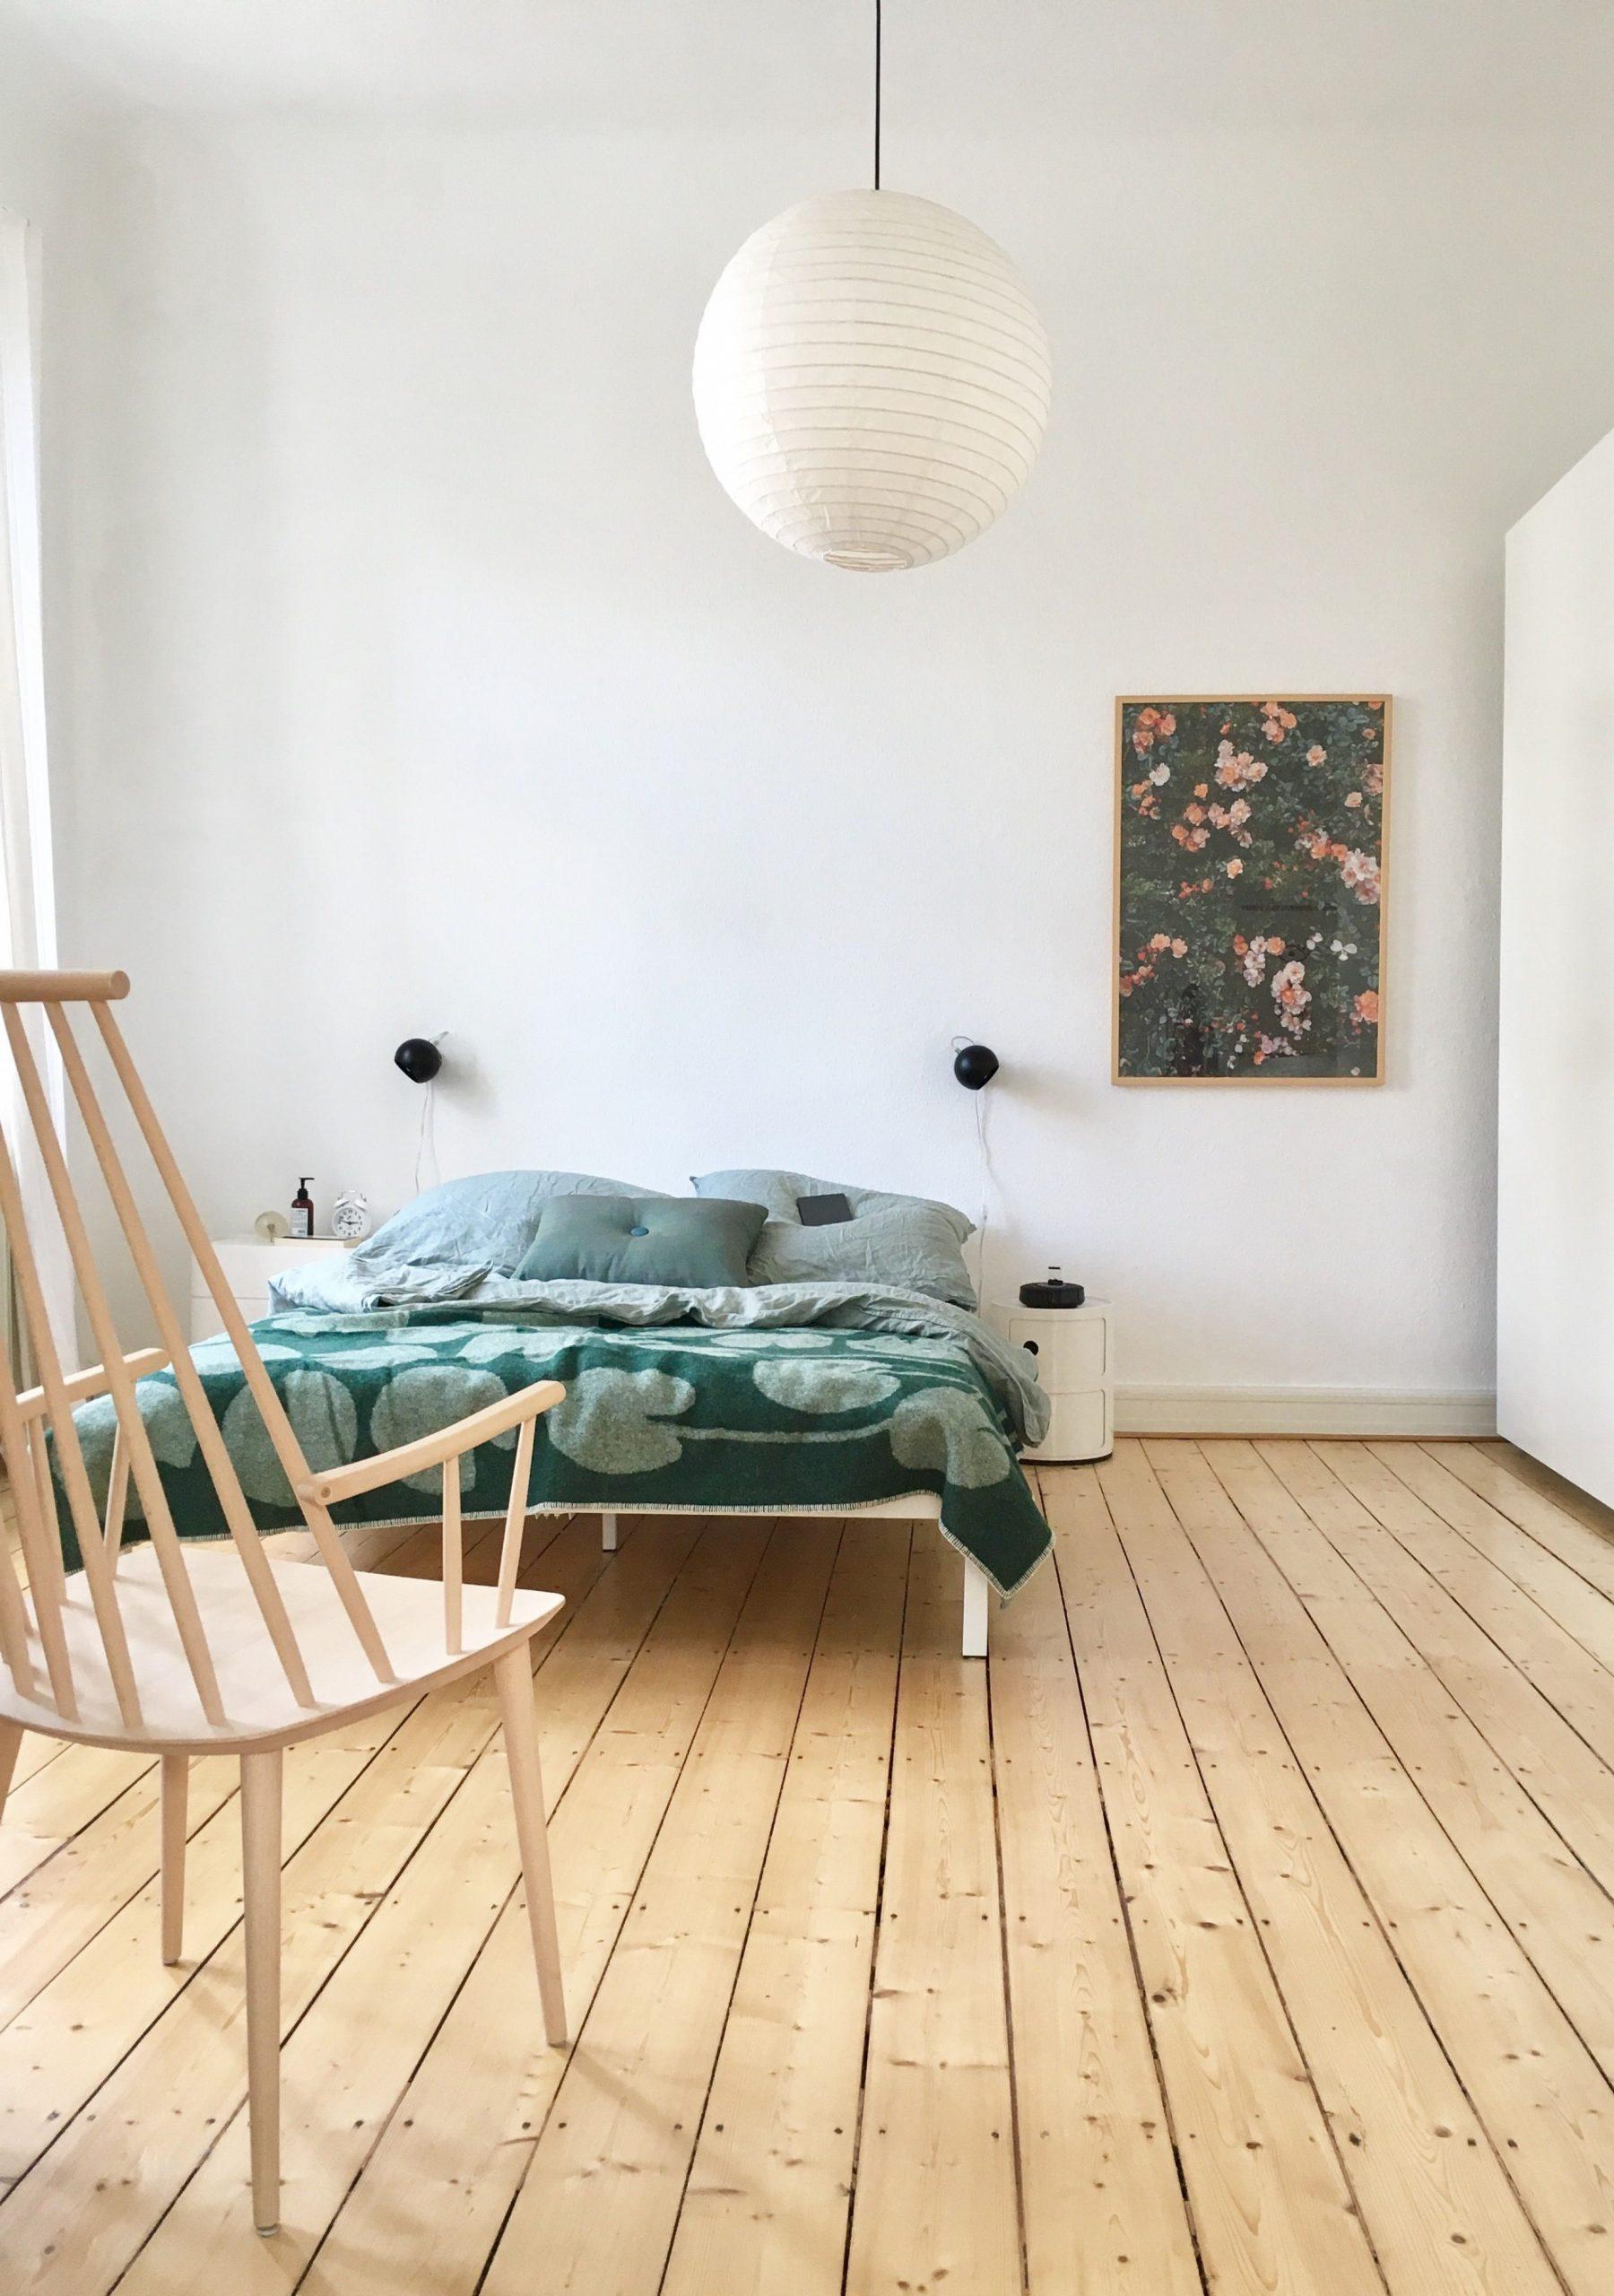 Full Size of Einrichten Grau Led Deckenleuchte Lampen Komplett Günstig Teppich Set Weiß Rauch Betten Vorhänge Wandleuchte Kleines Badezimmer Neu Gestalten Landhausstil Wohnzimmer Schlafzimmer Gestalten